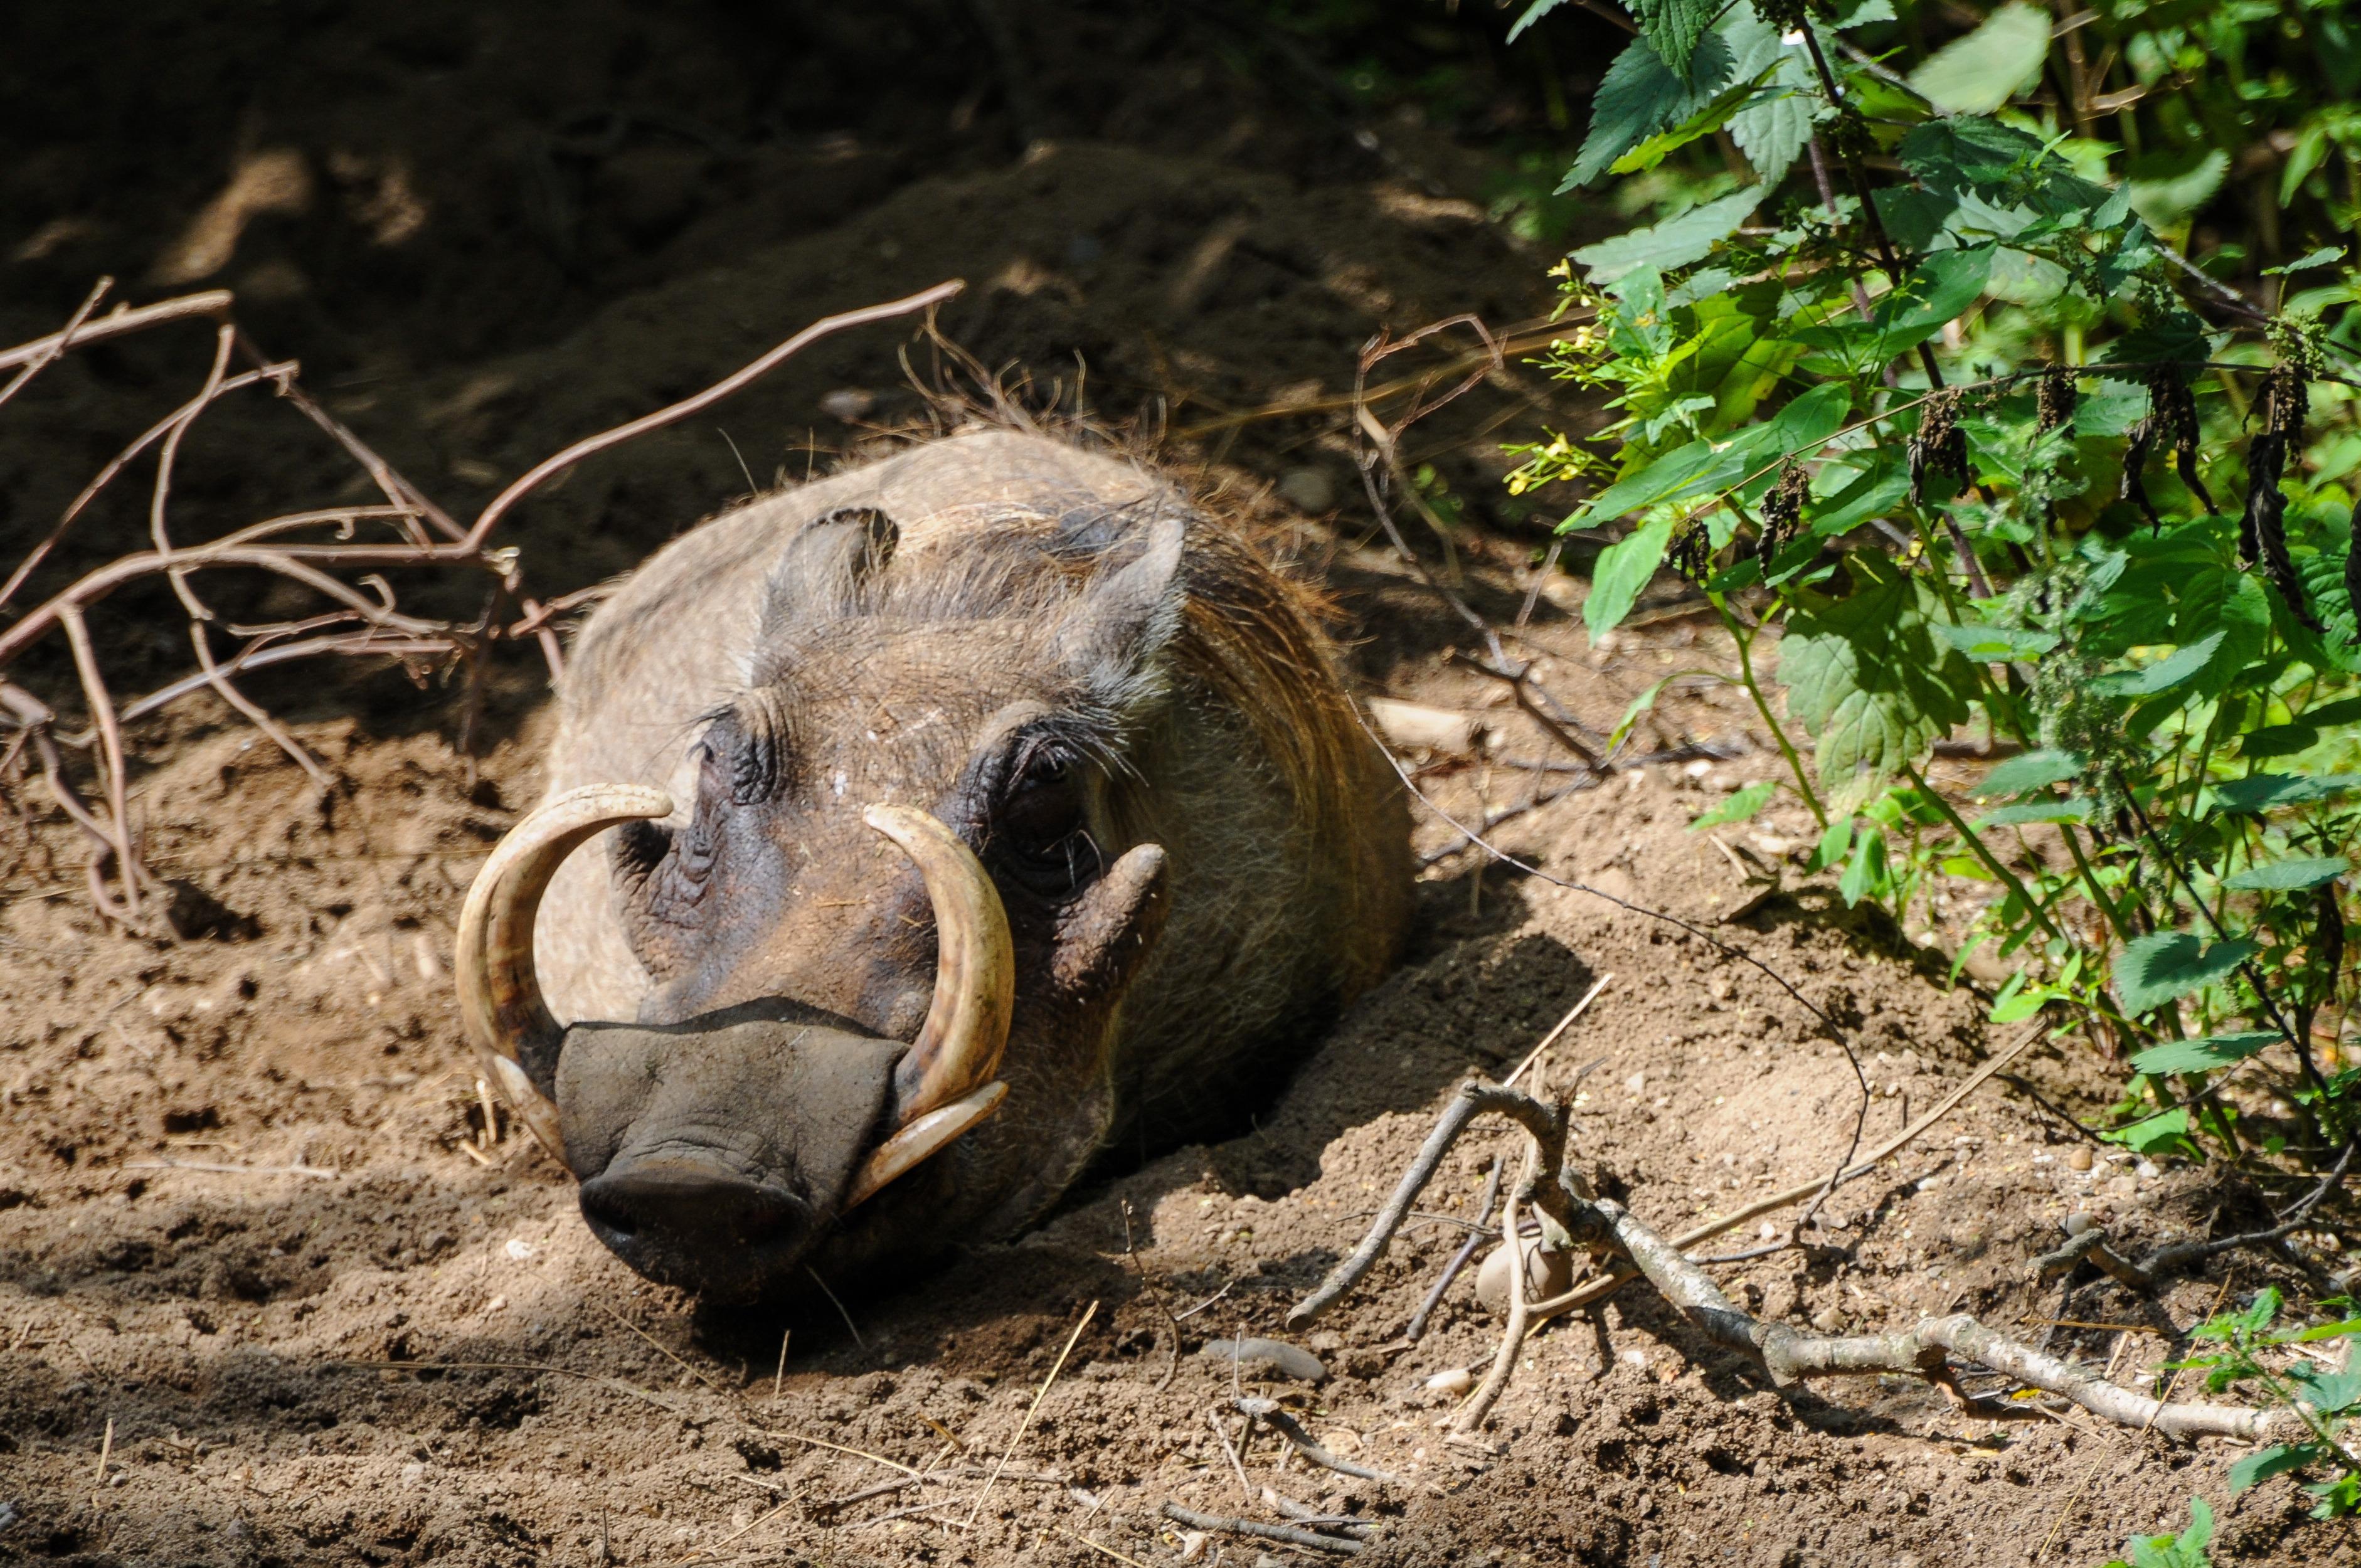 Kostenlose Foto Tierwelt Schildkrote Reptil Fauna Schlaf